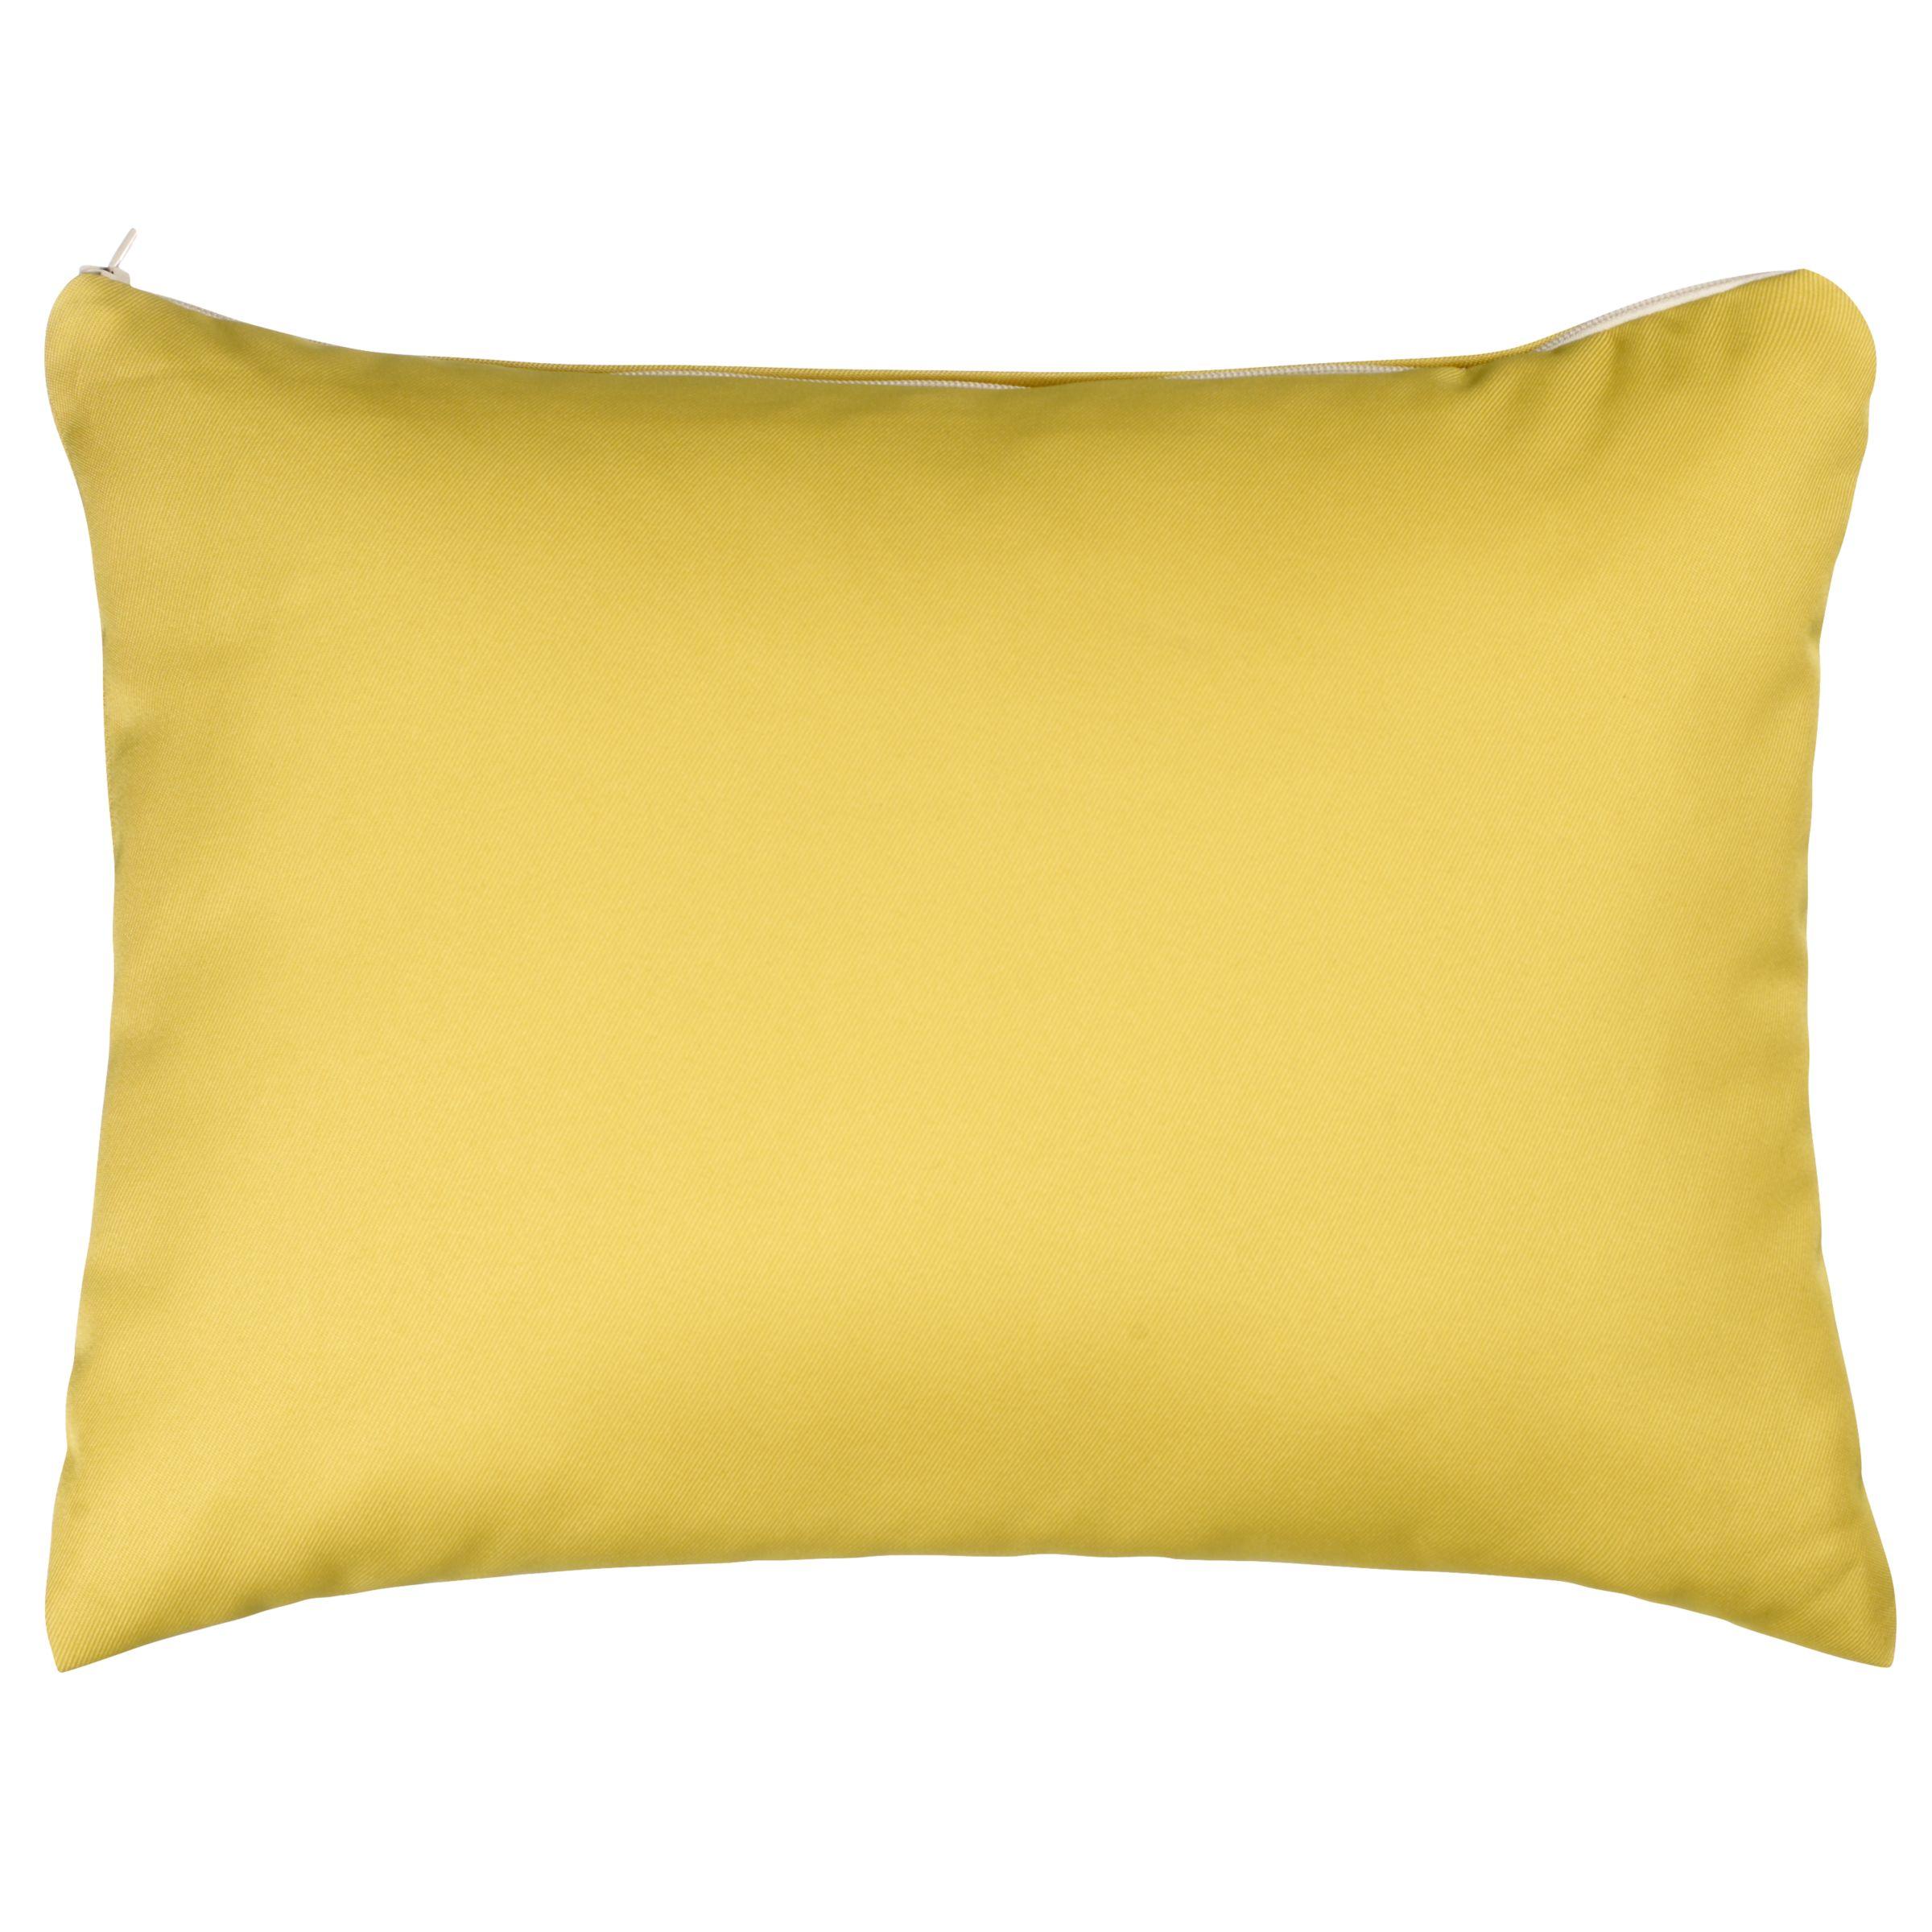 Rectangular Scatter Cushion, Citrine